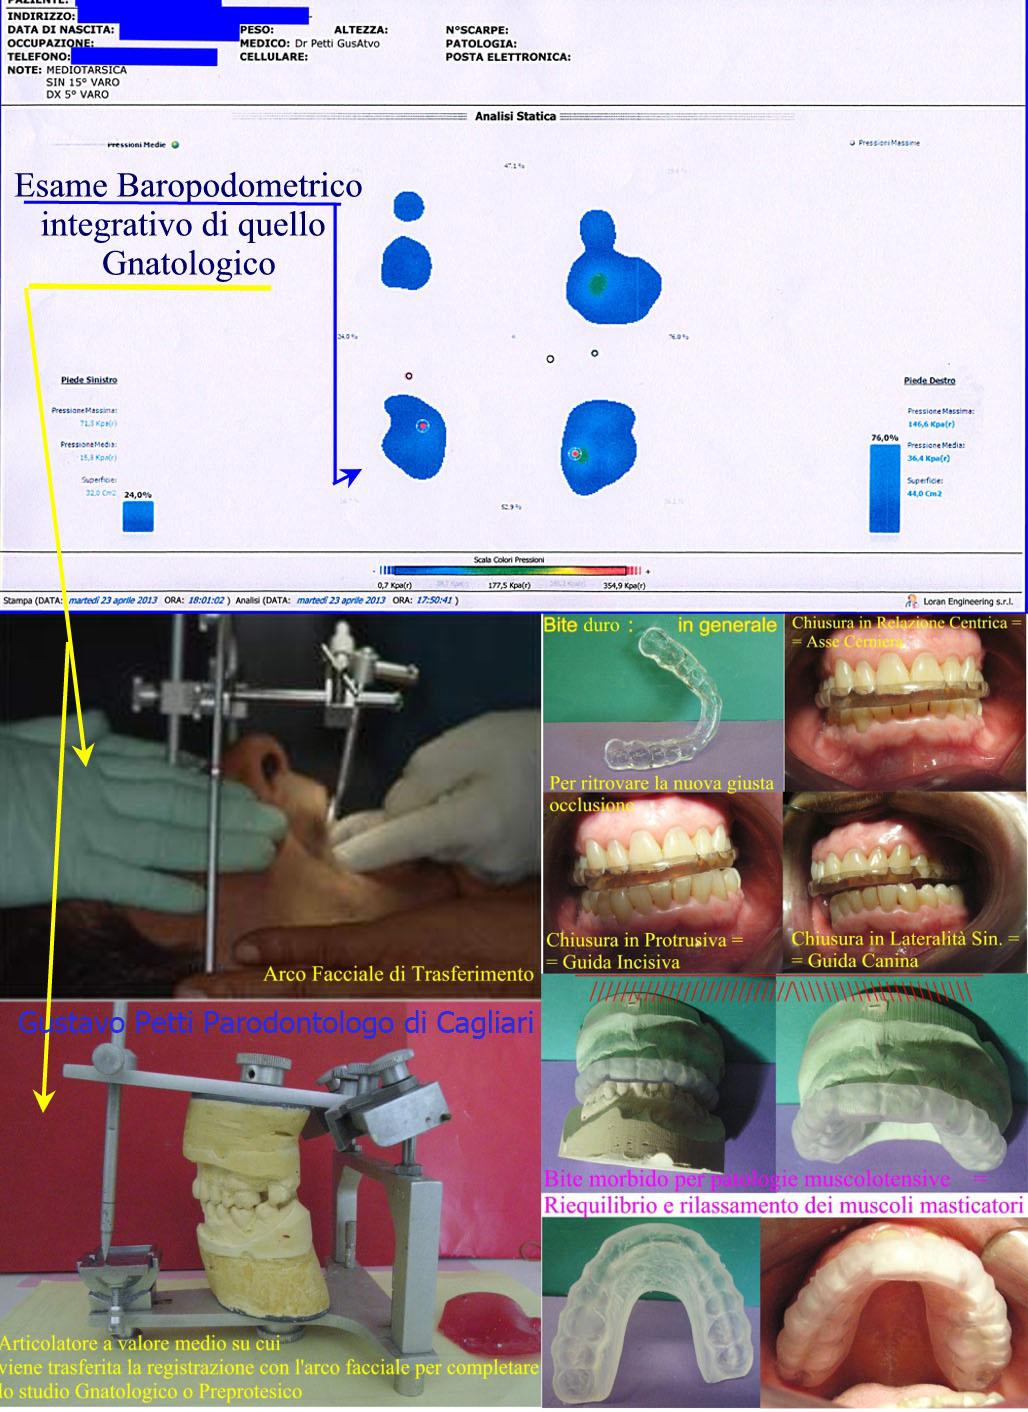 gnatologia-dr-g.petti-cagliari-225.jpg